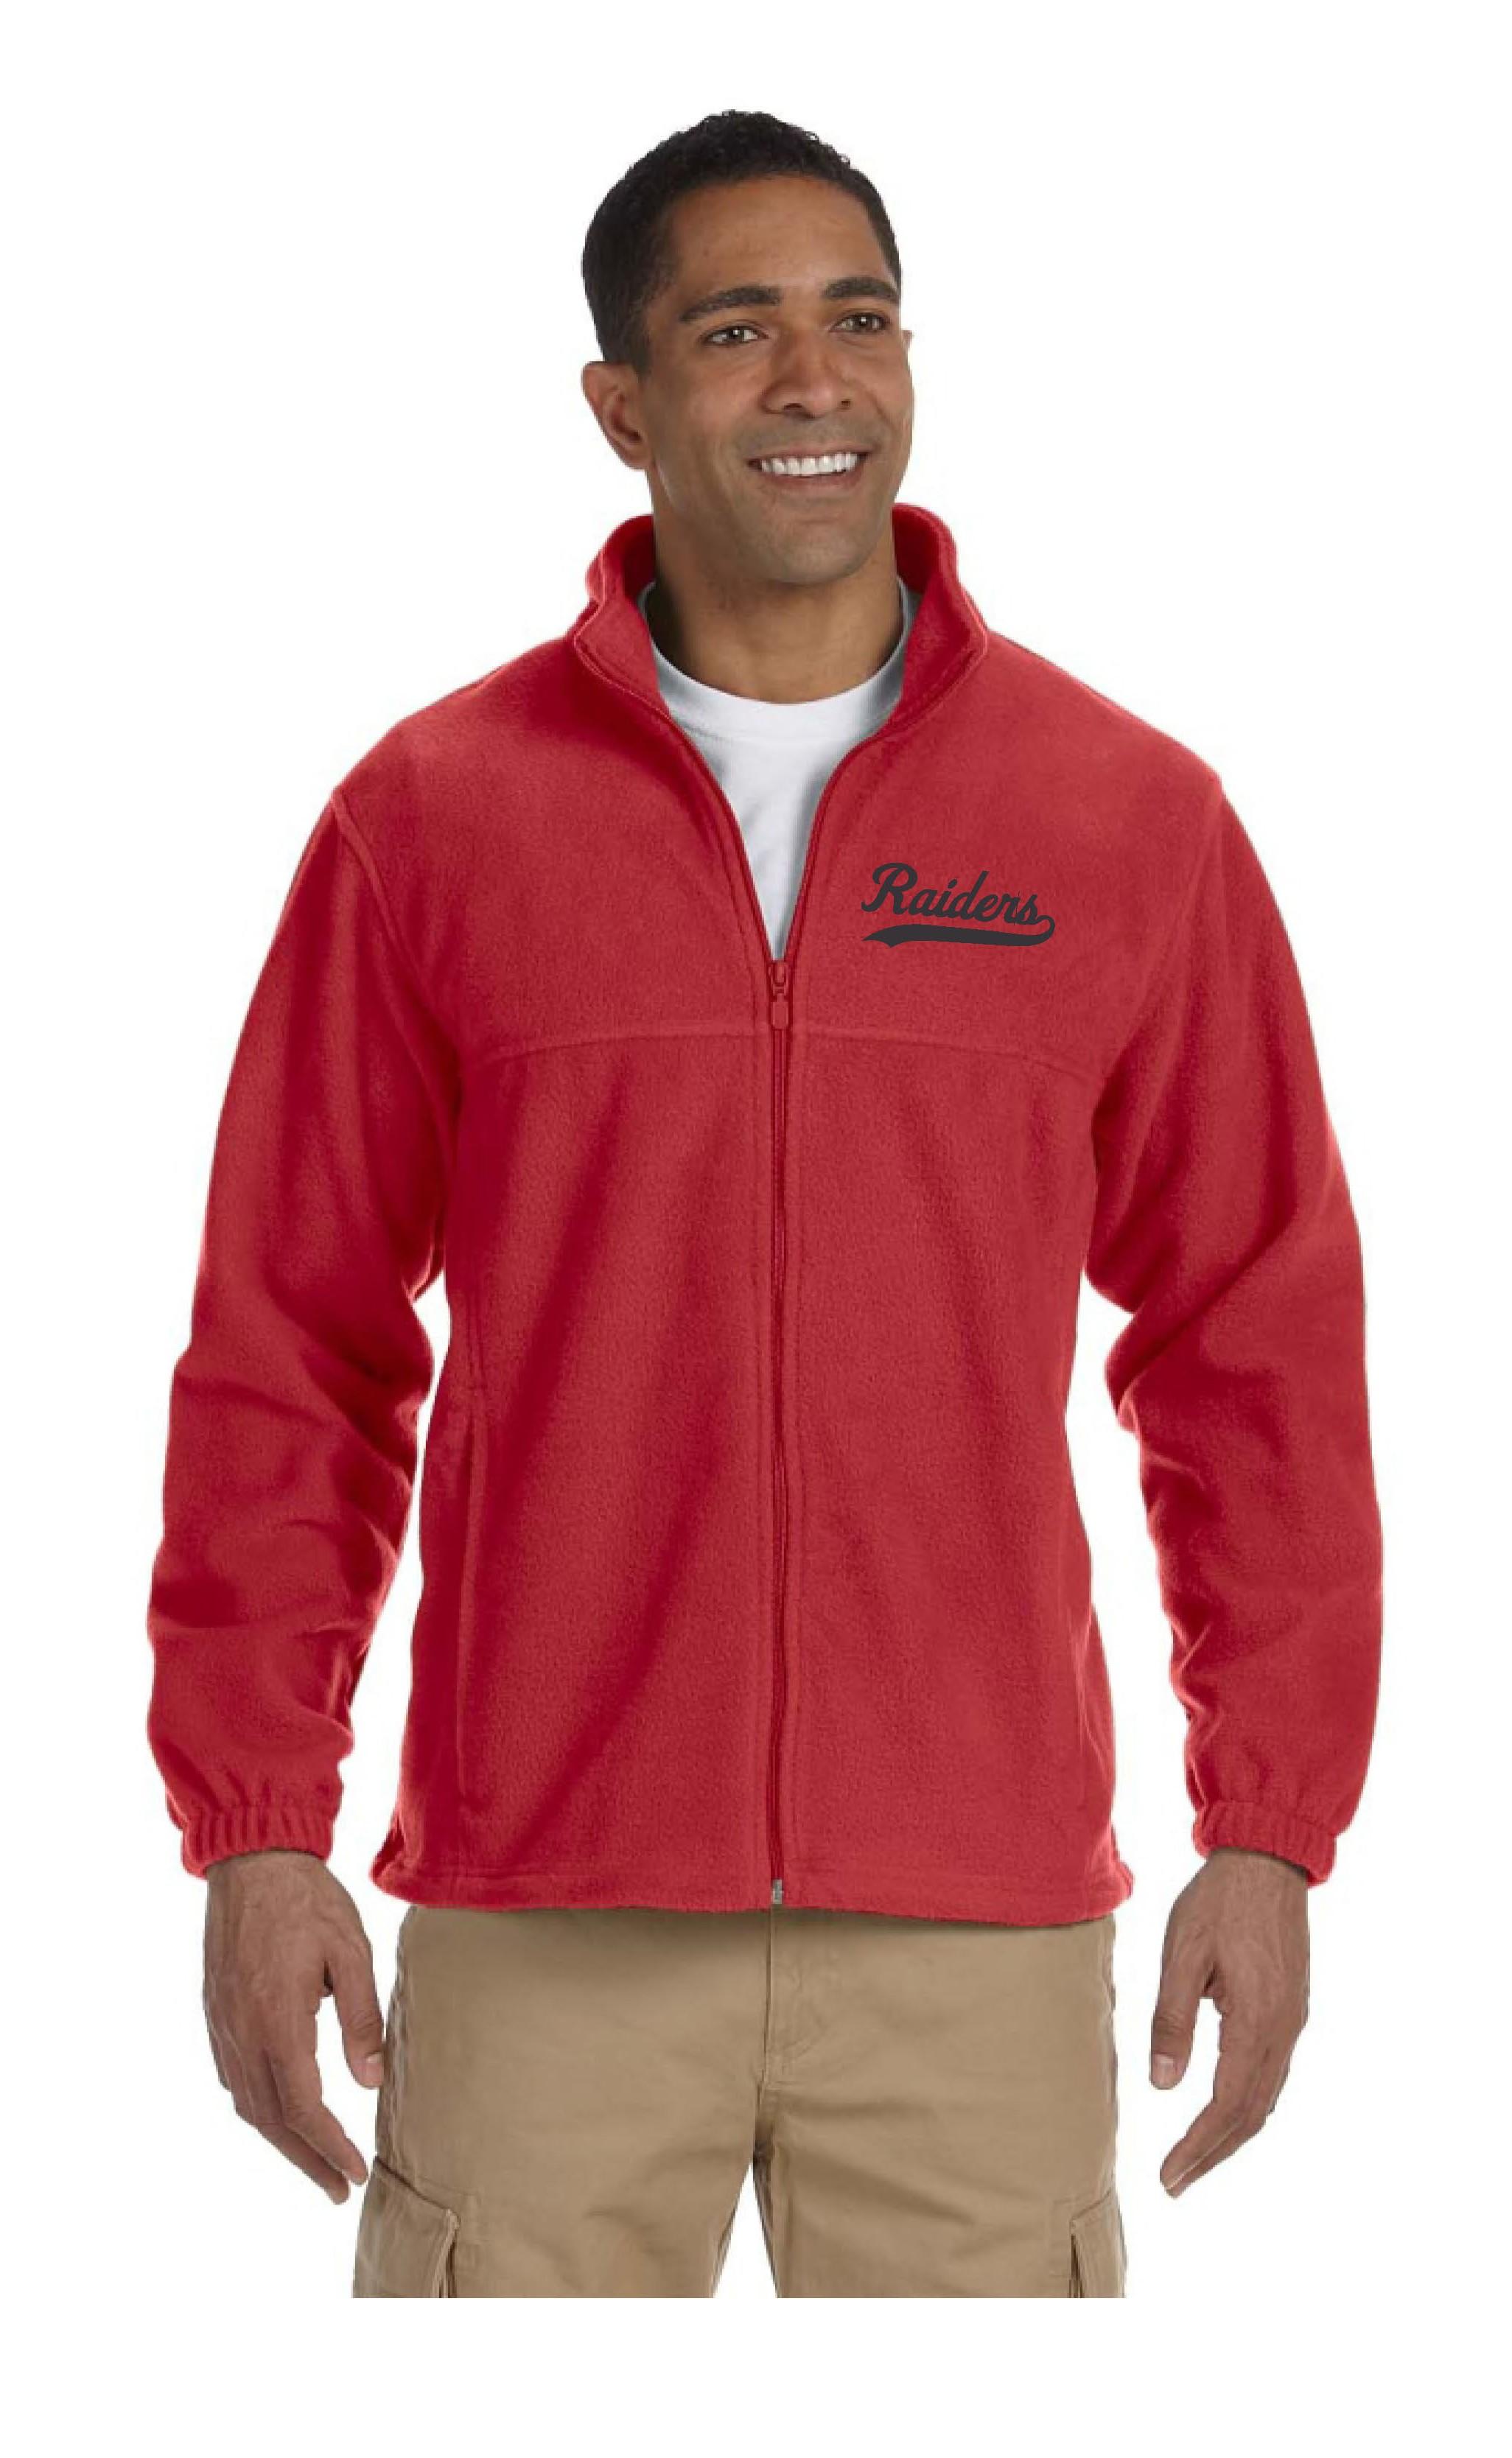 Raiders 8oz Full Zip Fleece Jacket